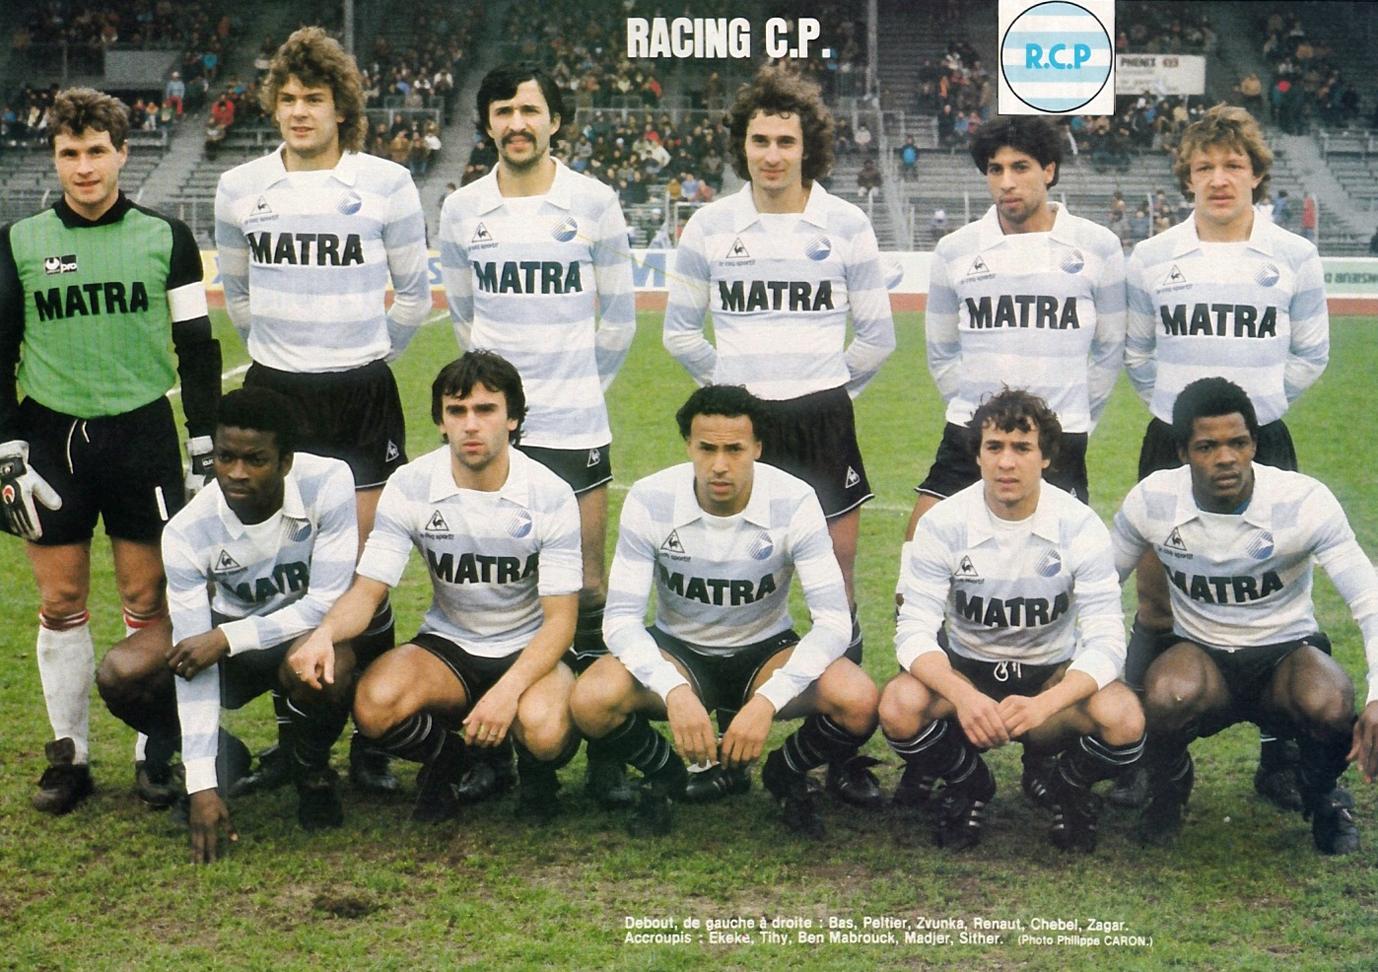 http://4.bp.blogspot.com/-Mv03ZDyZOEM/TtJMCAqFllI/AAAAAAAAJlY/sM_BQrG-0SA/s1600/racing+club+de+paris+1983-84.jpg